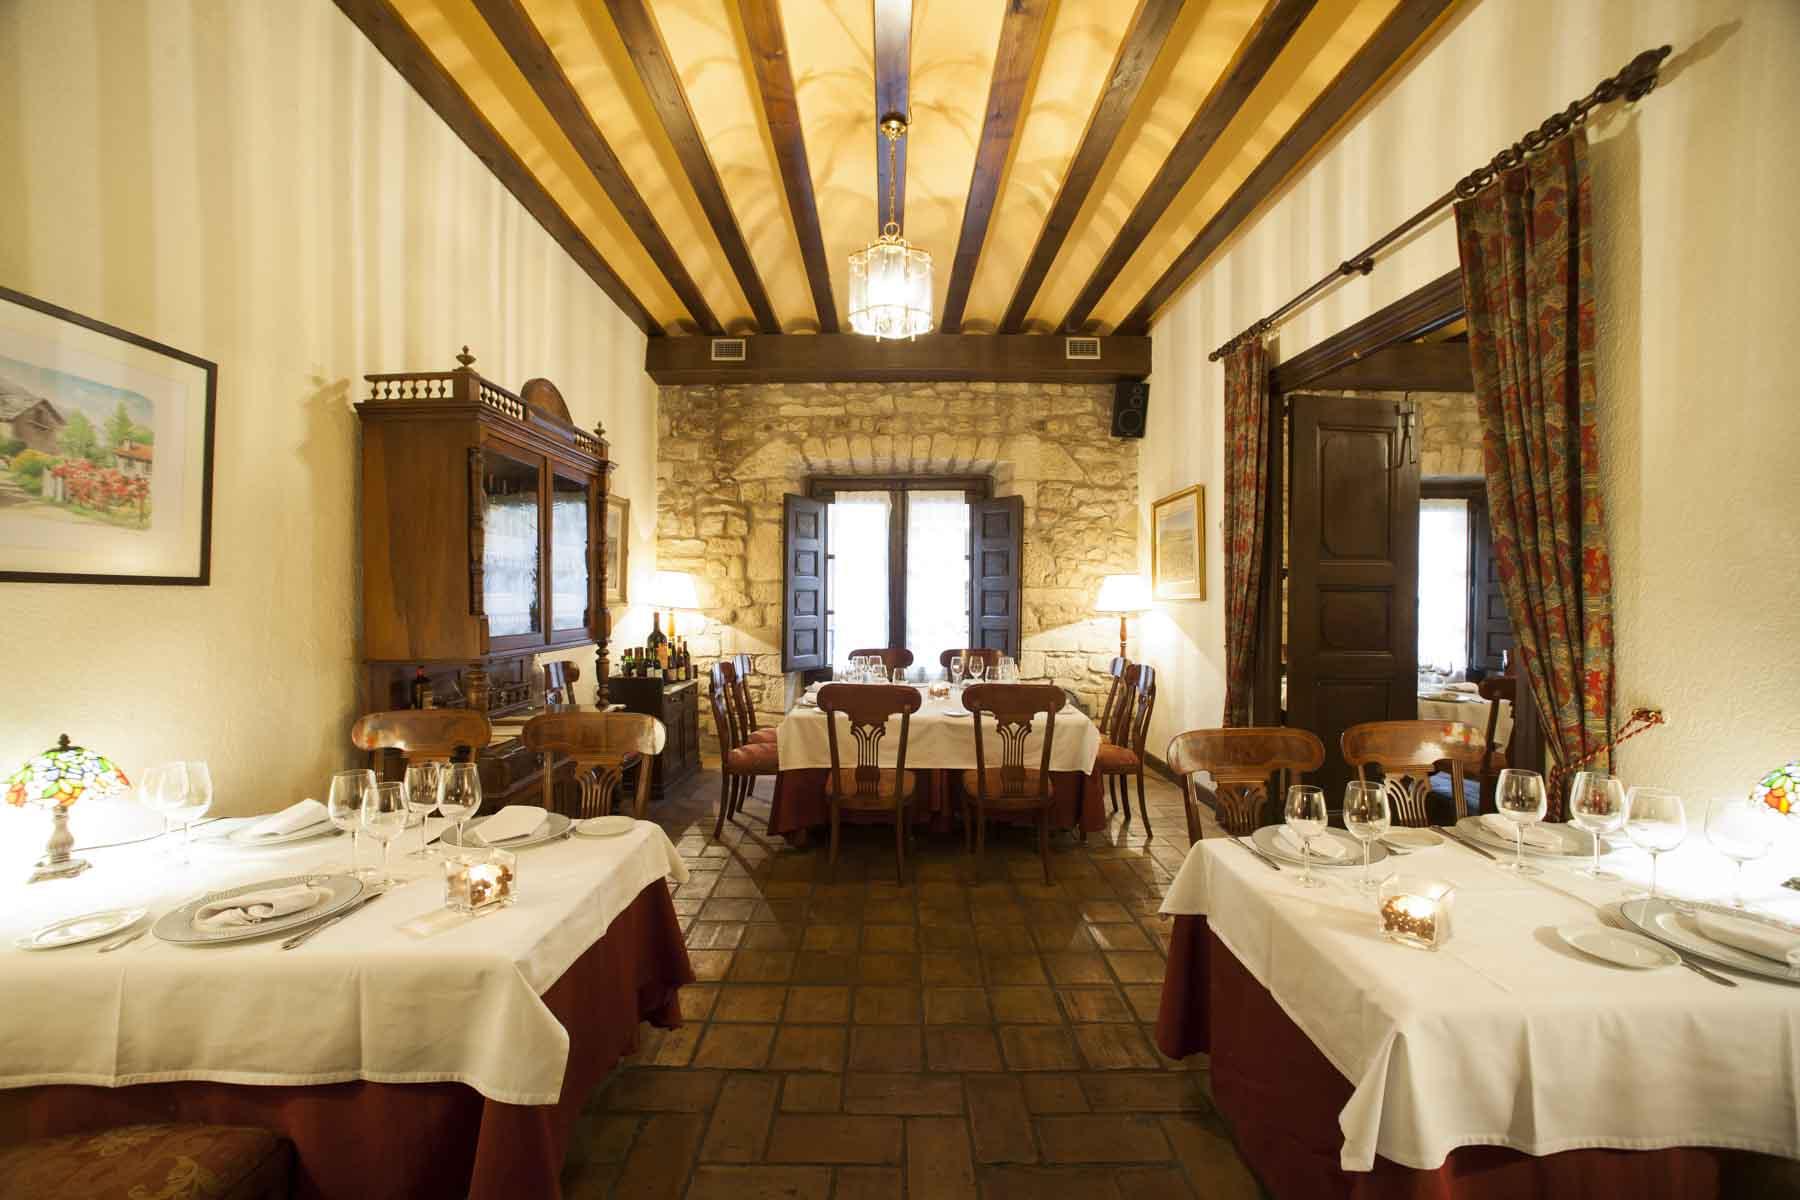 Restaurantes Y Bares De La Ruta Del Vino De Rioja Alavesa